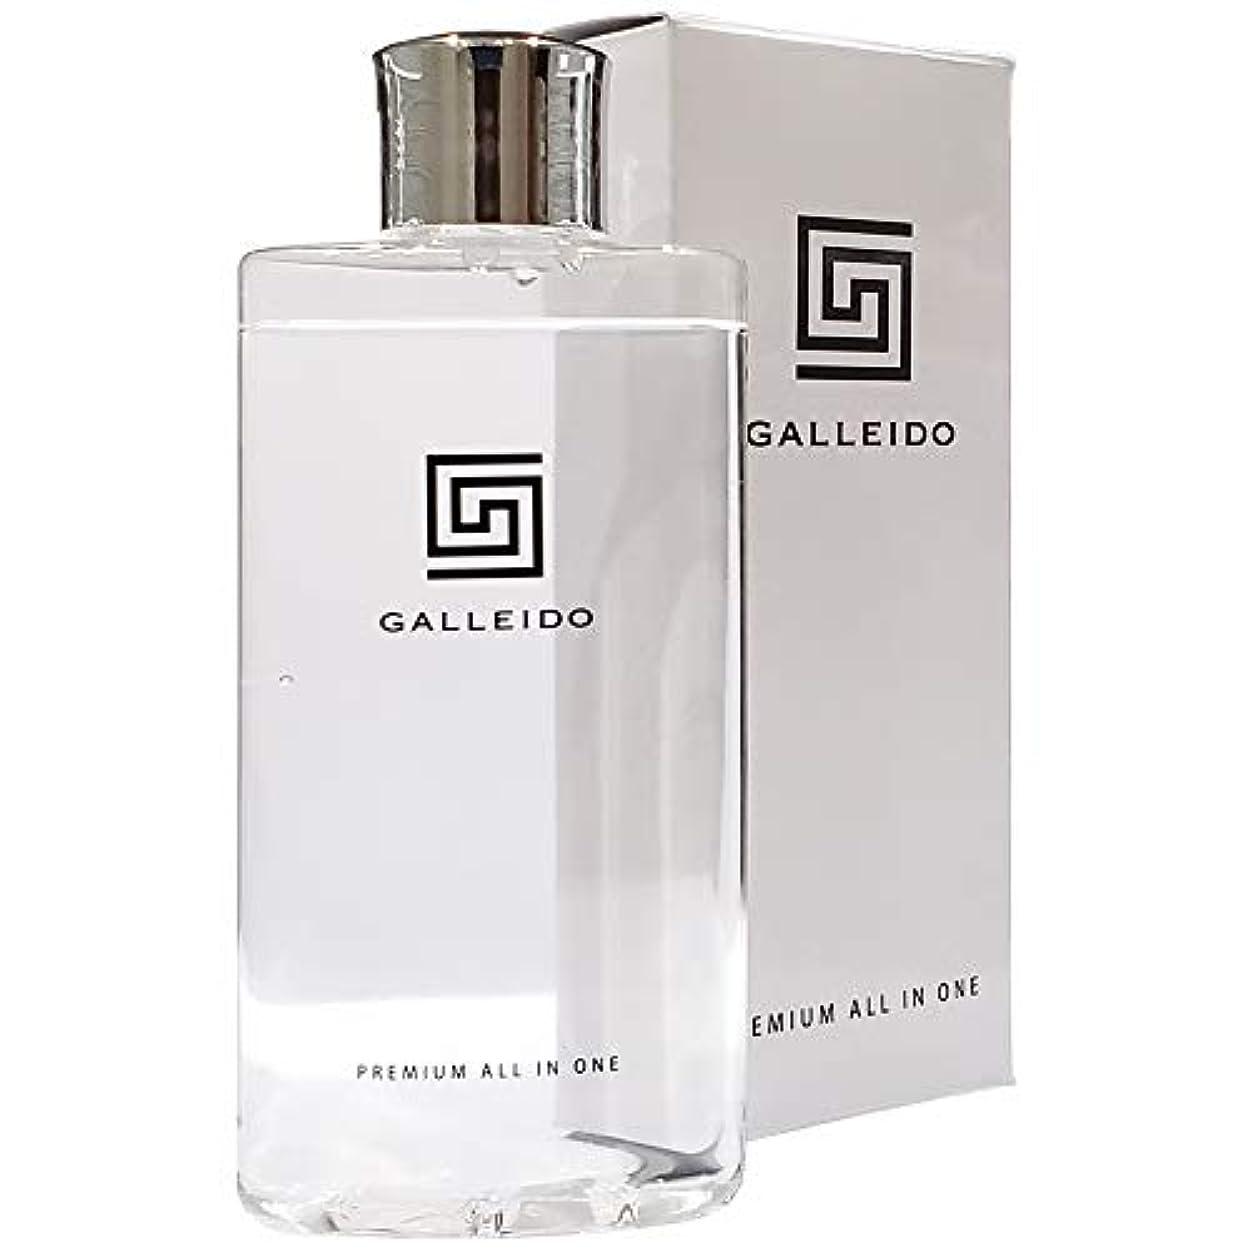 熟した赤字記念日GALLEIDO PREMIUM ALL IN ONE(ガレイド プレミアム オールインワン化粧水)(メンズコスメ 男性 化粧水)(単品)